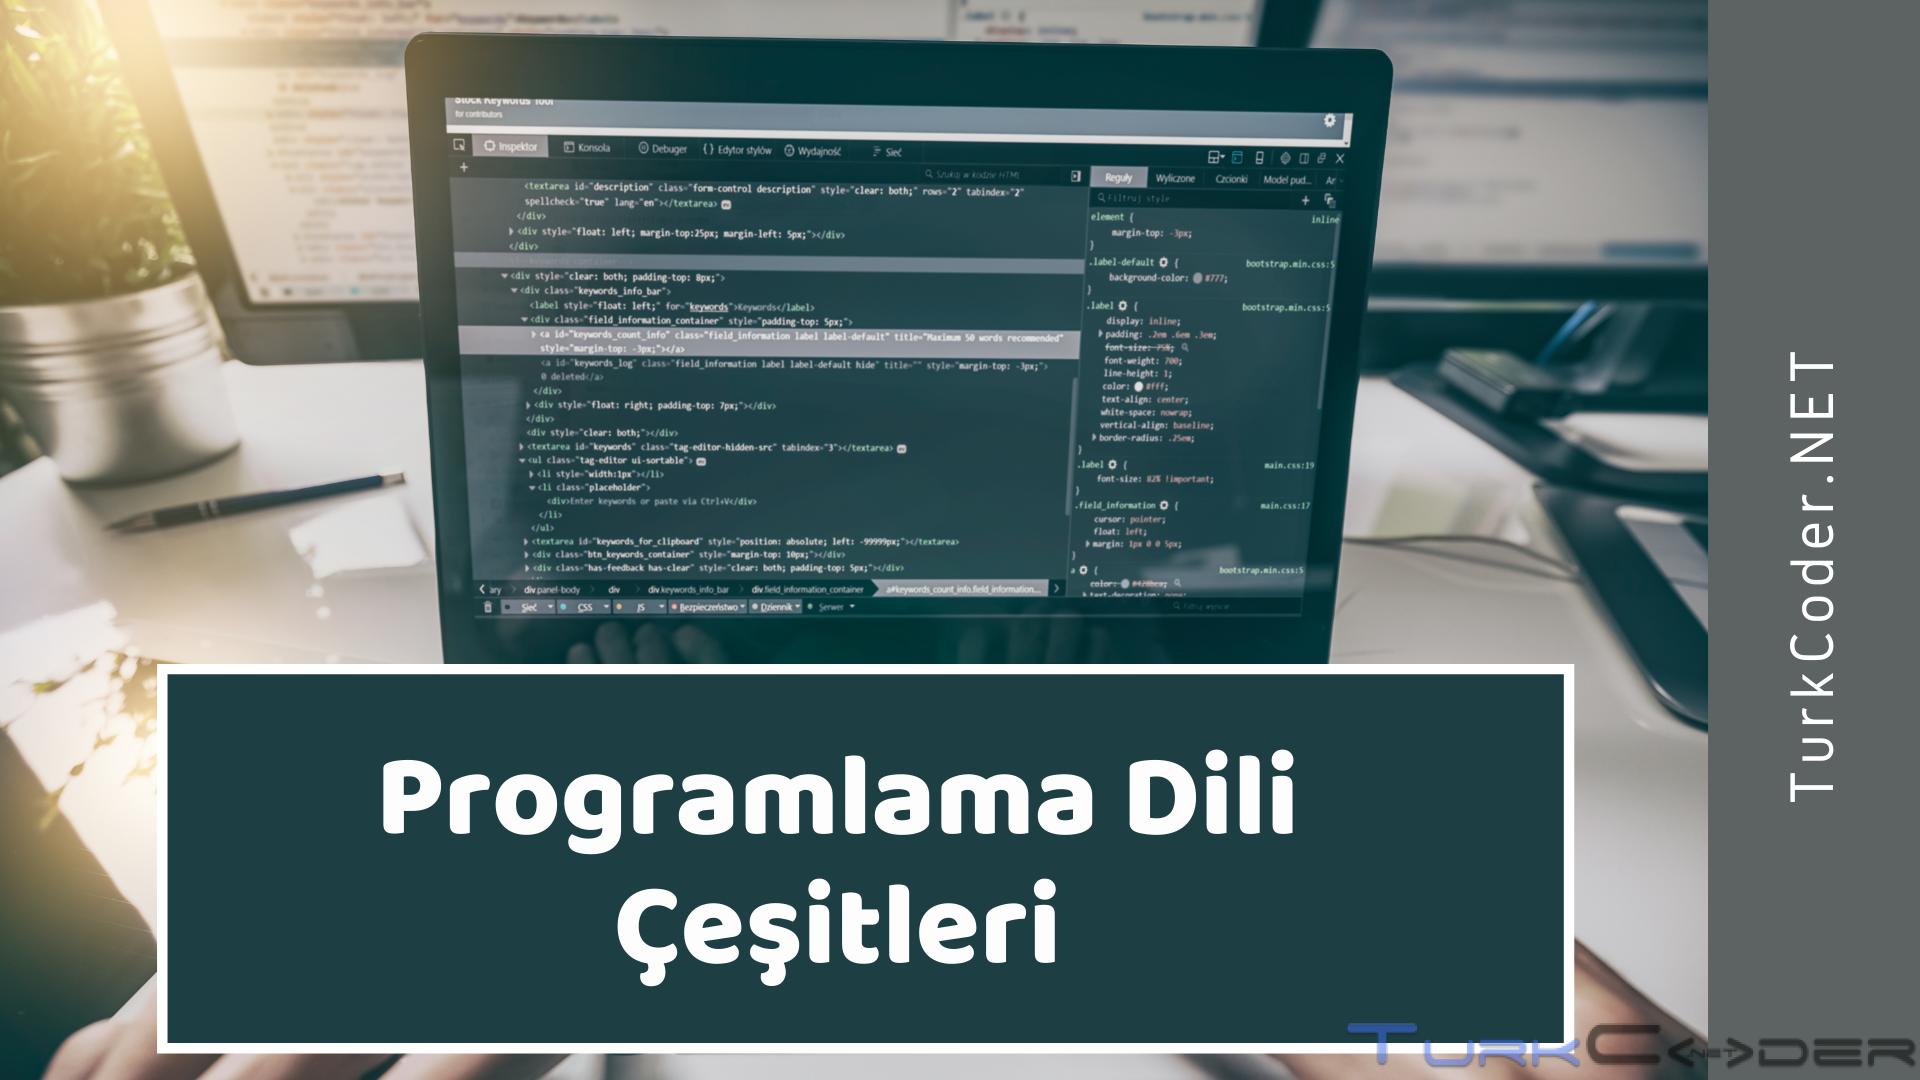 Programlama Dilleri Nedir? Ne İşe Yarar?